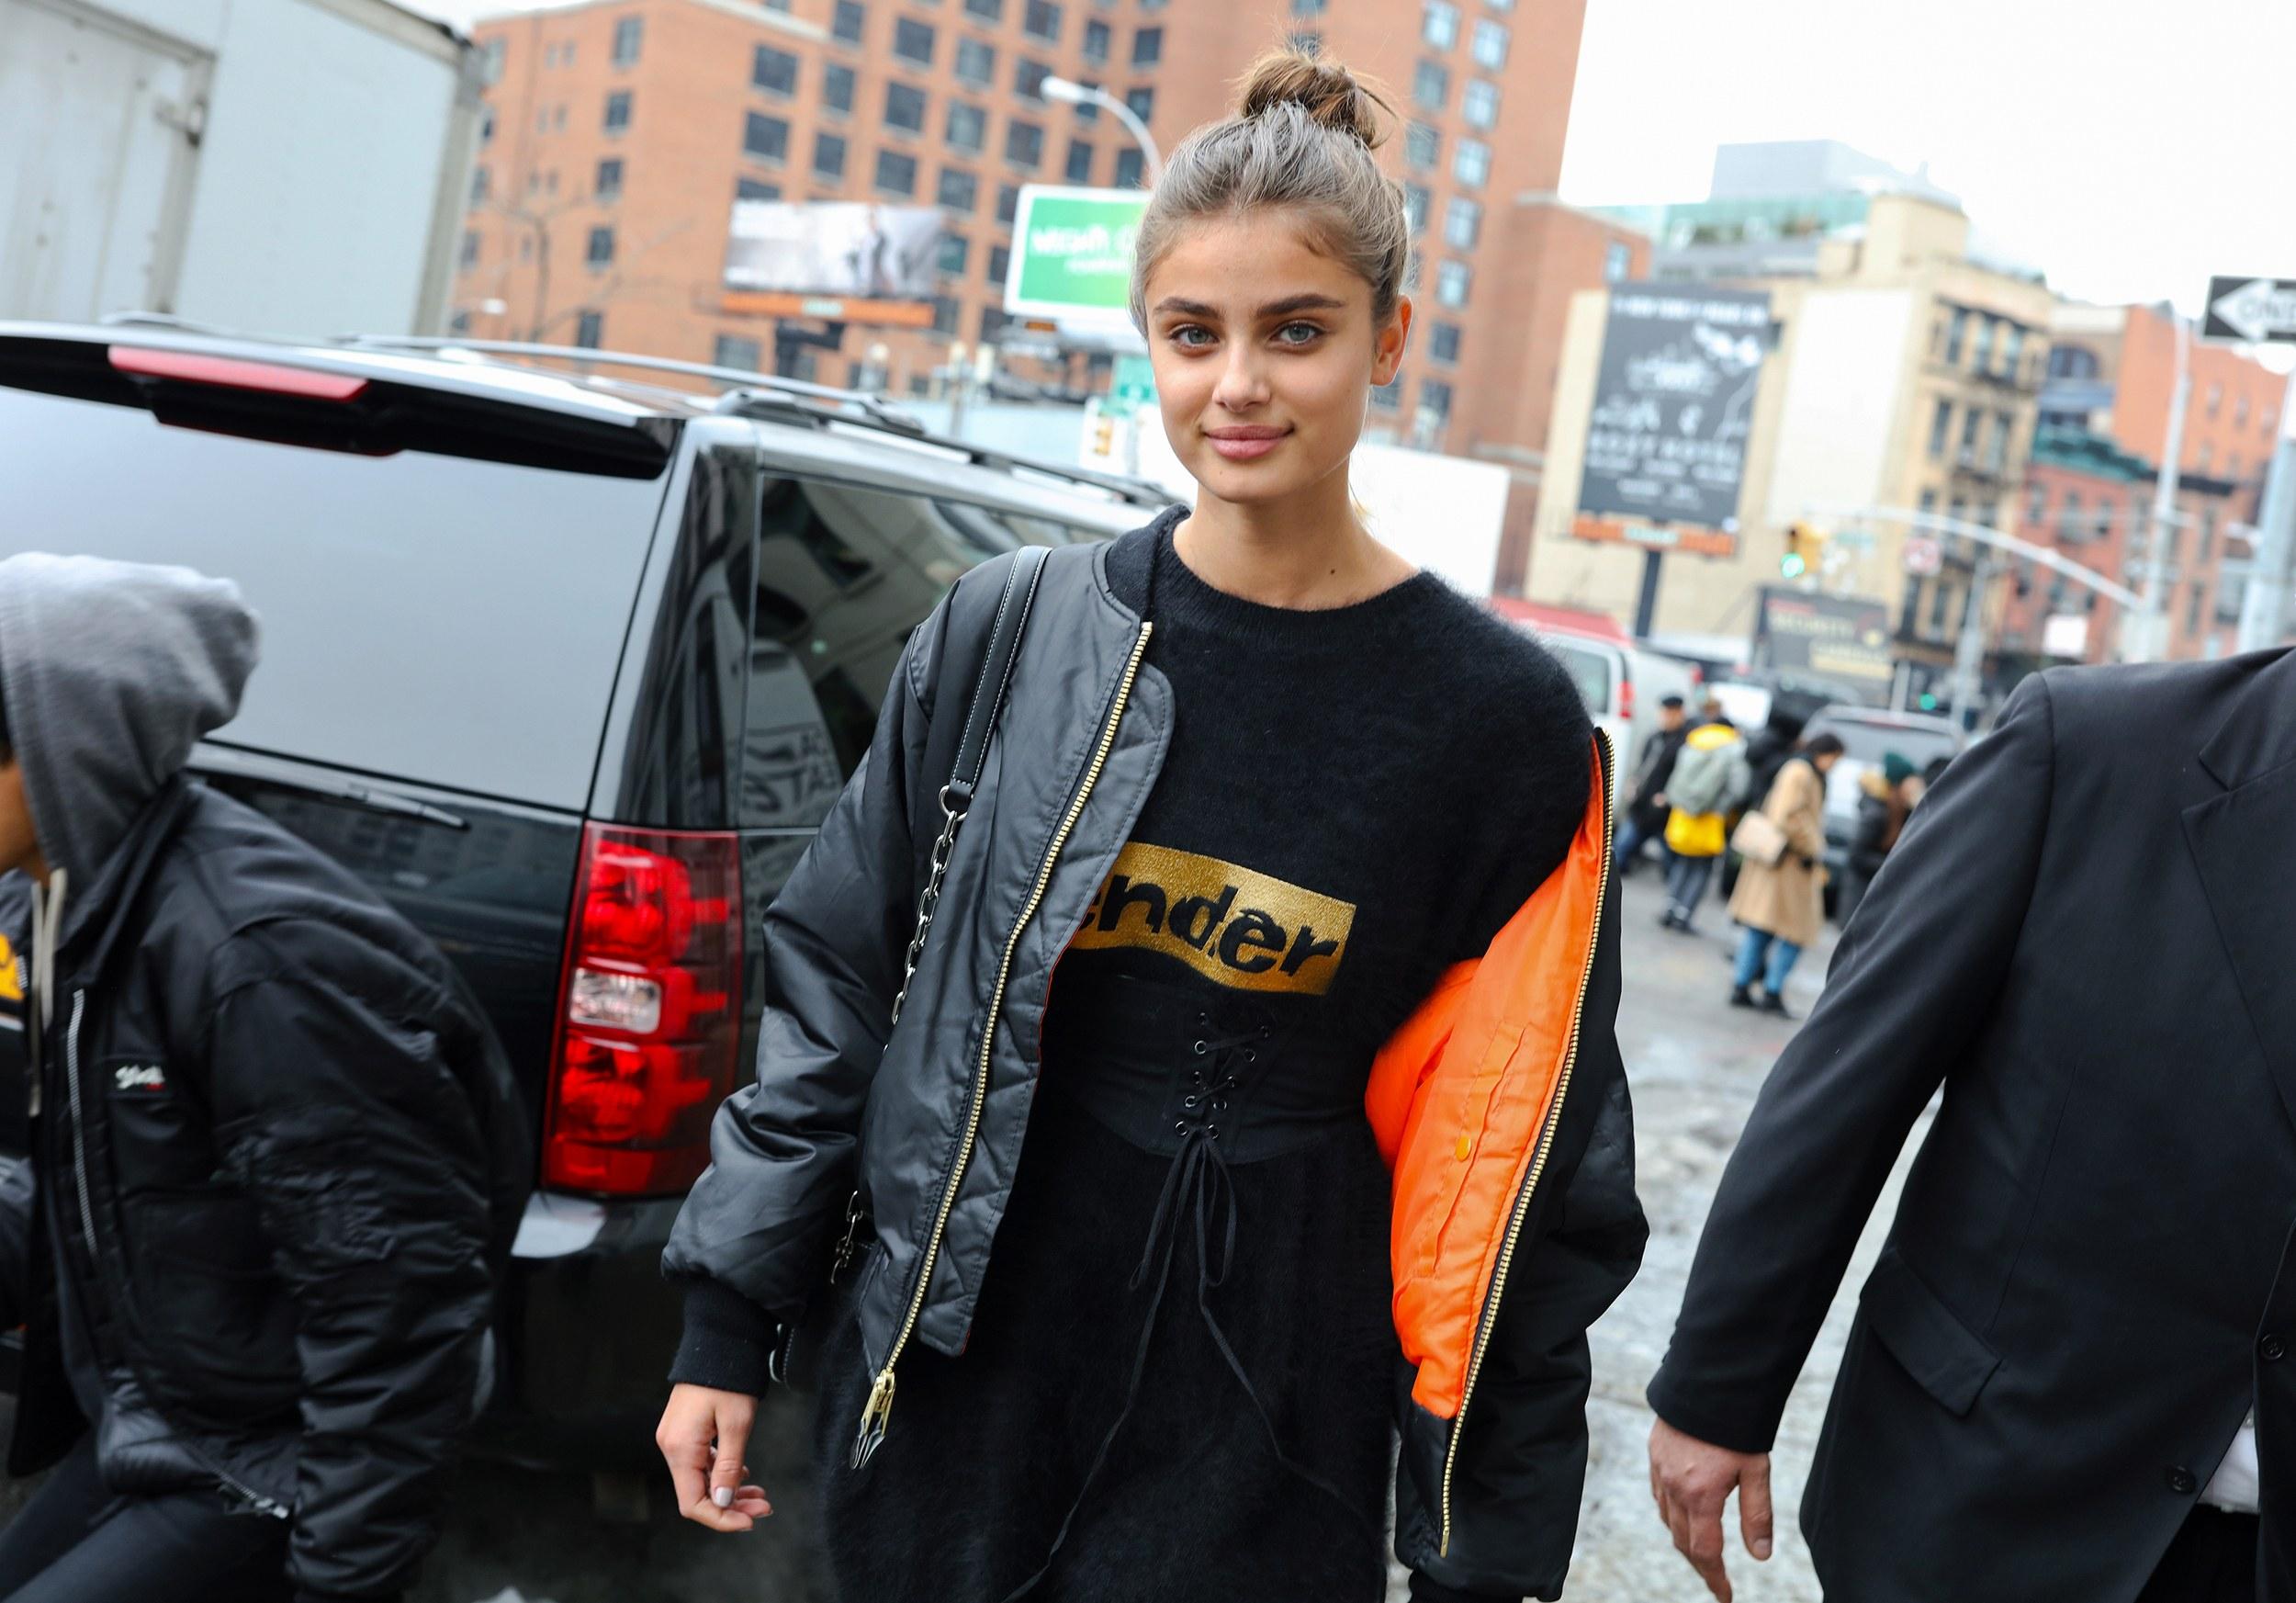 Chiêm ngưỡng đặc sản street style đẹp khó rời mắt tại Tuần lễ thời trang New York - Ảnh 11.